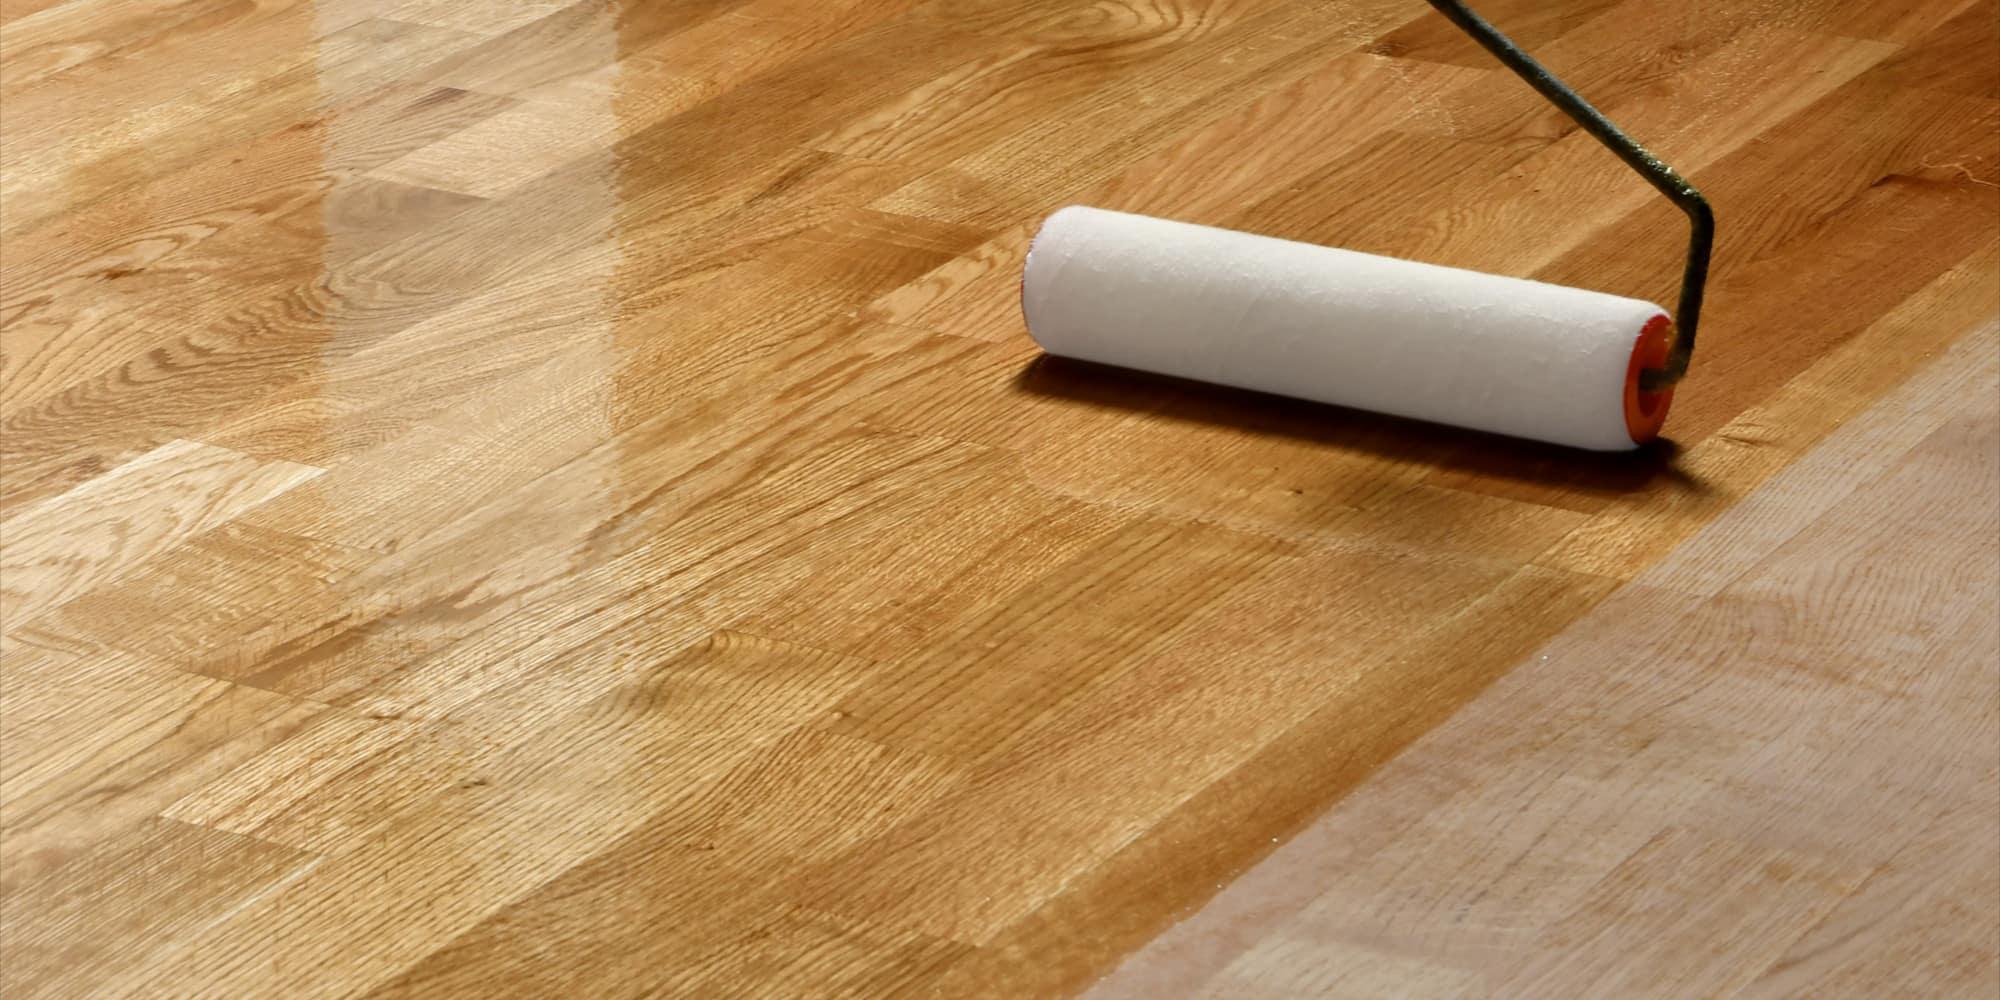 Polerowanie podłogi drewnianej